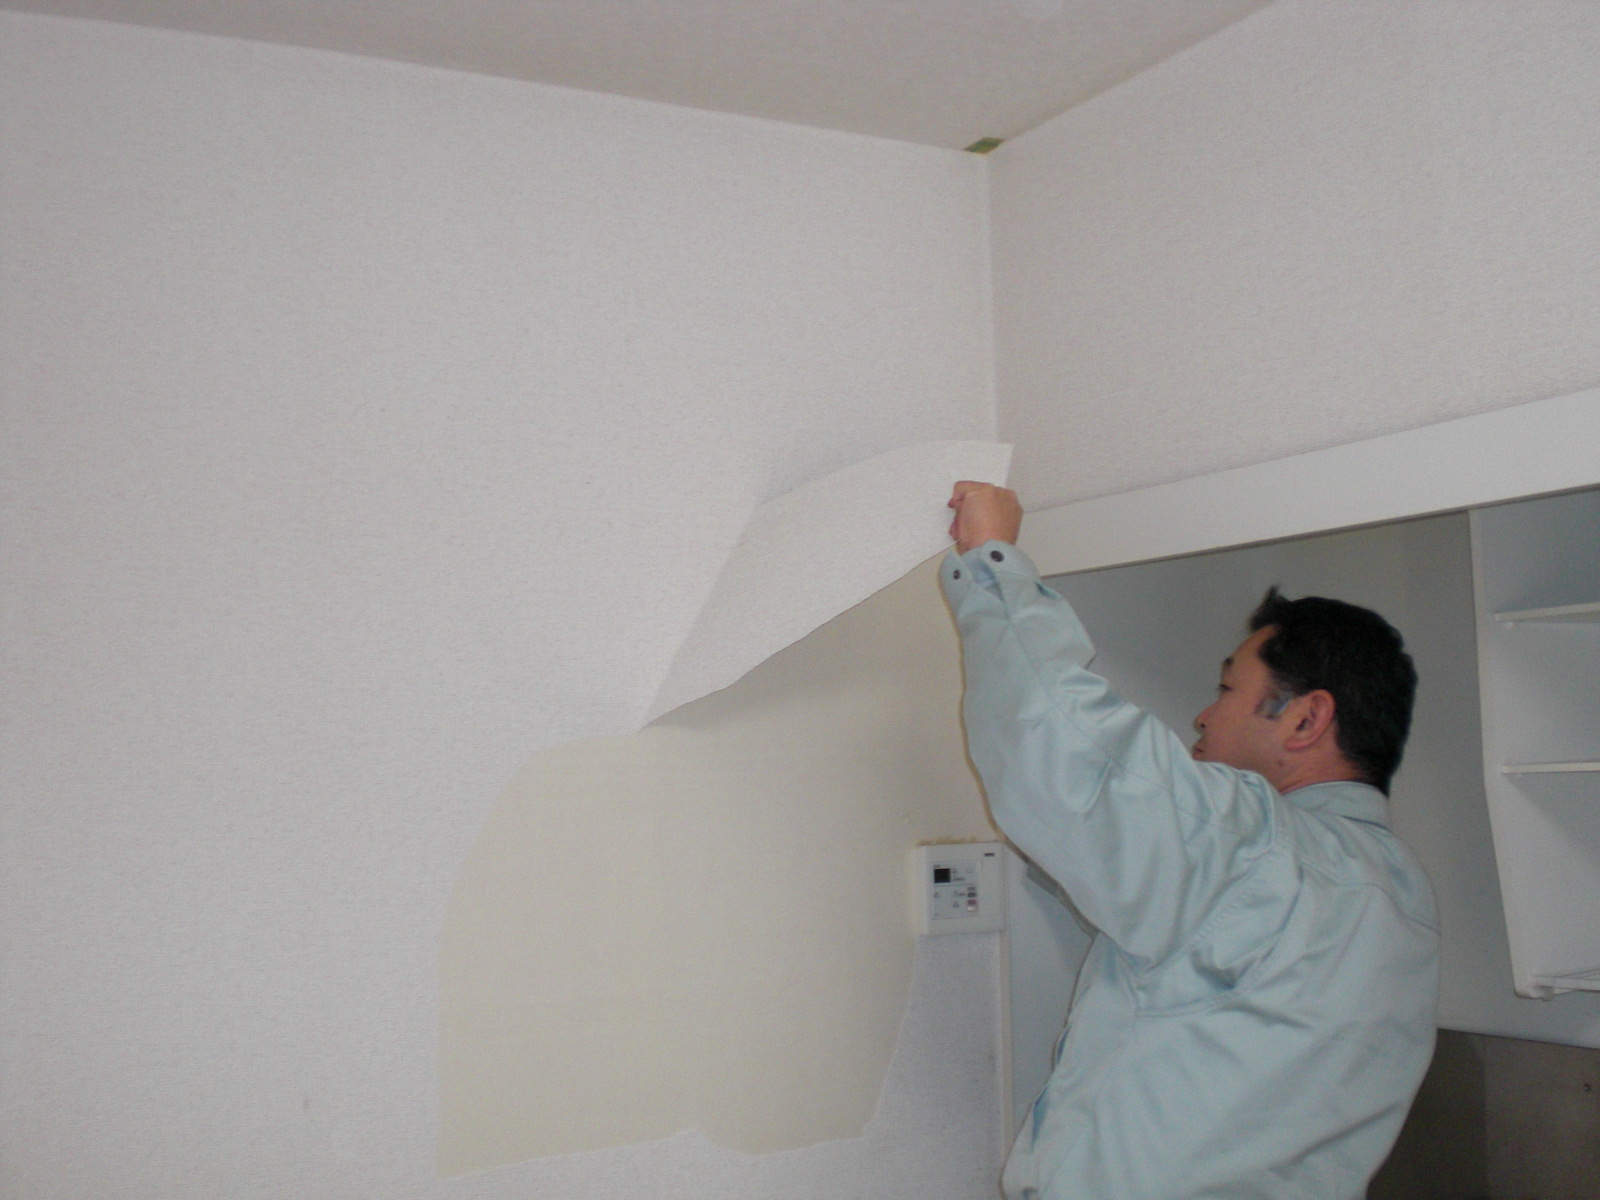 賃貸アパートの壁紙交換 お父さん向上委員会 セルフリフォーム